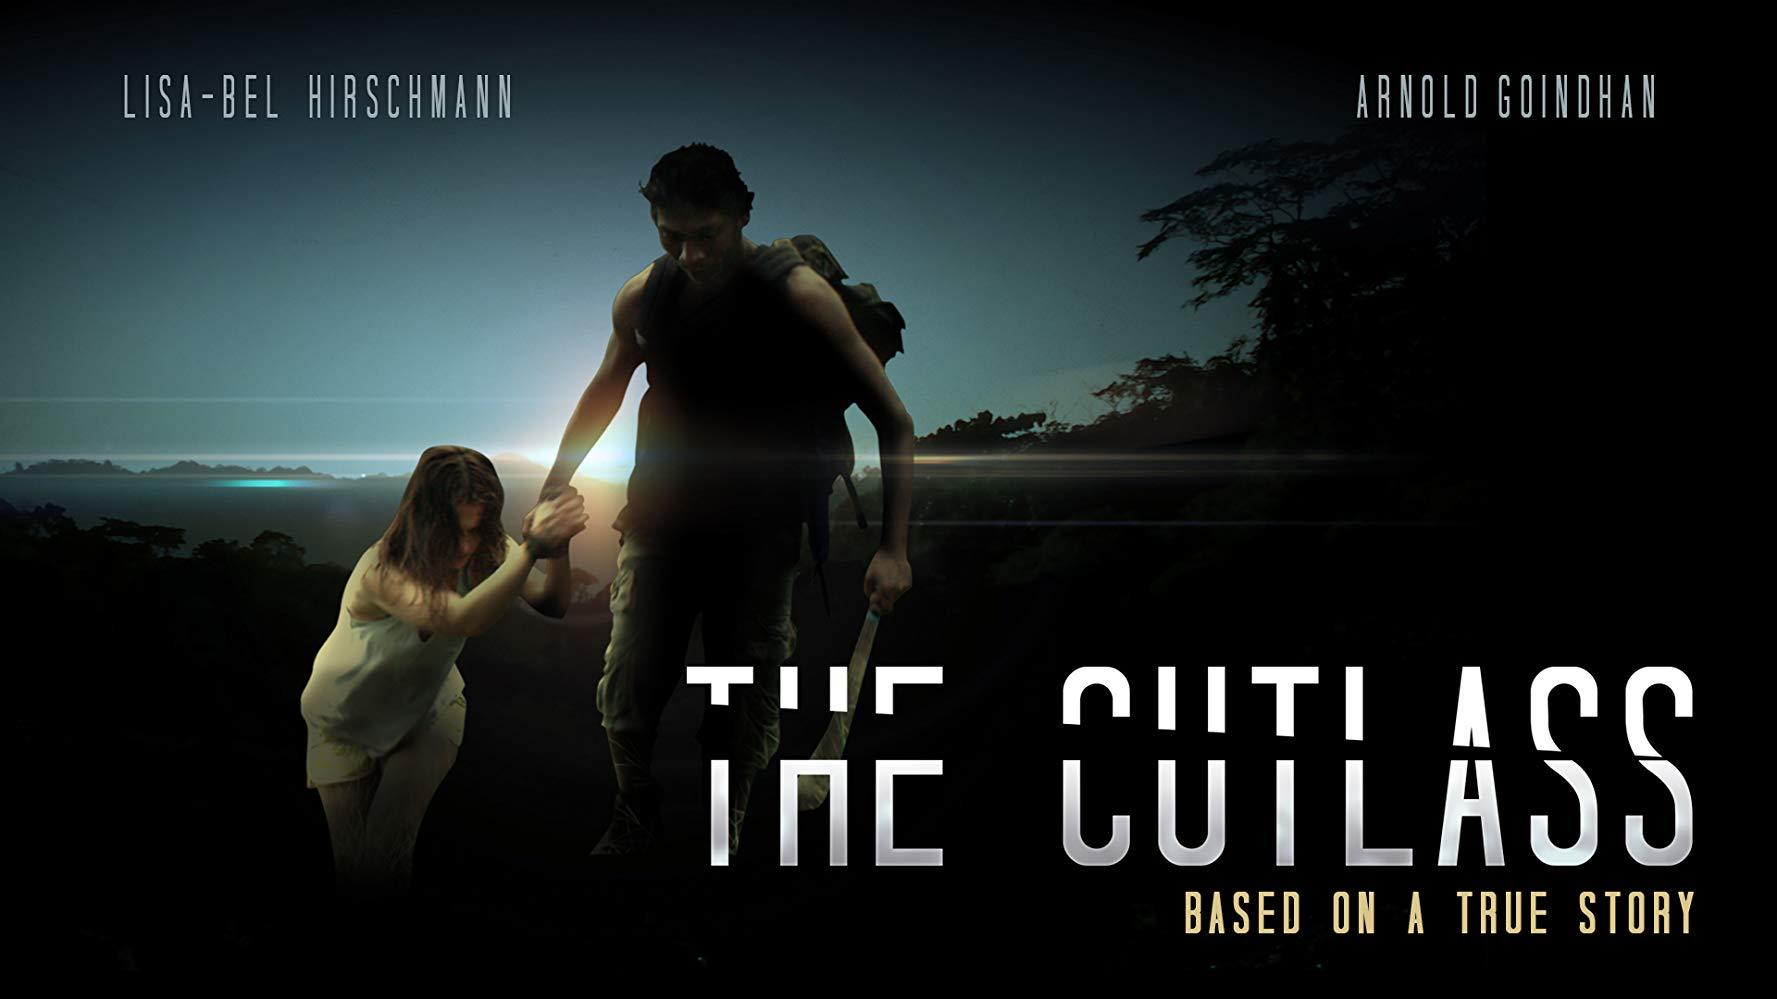 مشاهدة فيلم The Cutlass 2017 HD مترجم كامل اون لاين